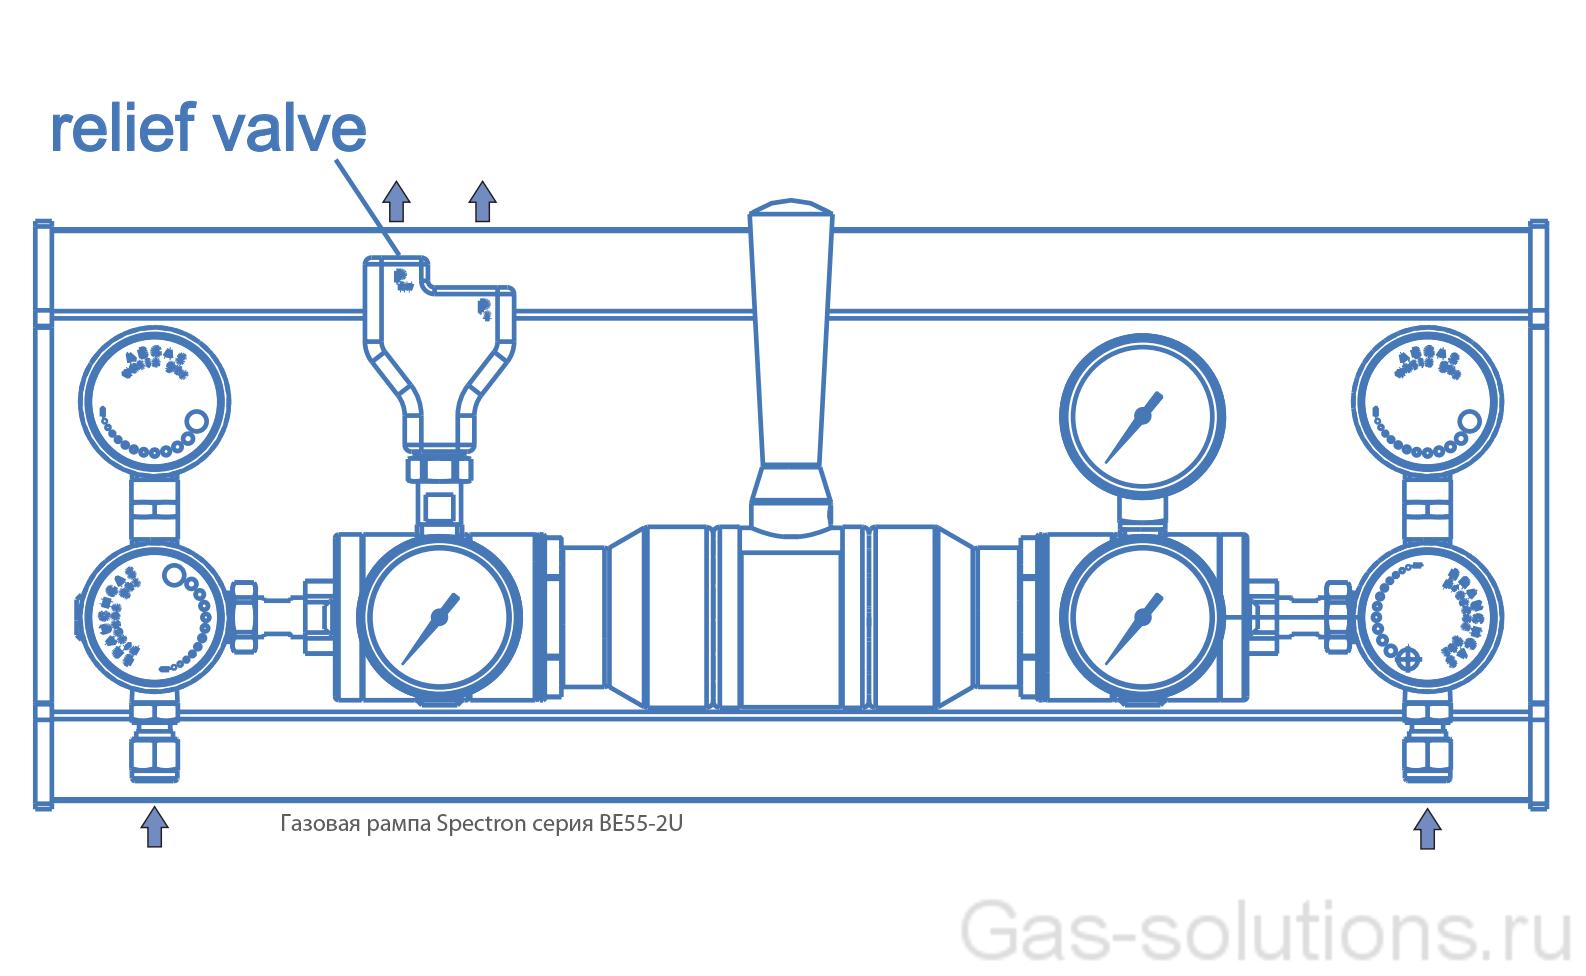 Газовая рампа Spectron серия BE55-2U_чертеж1